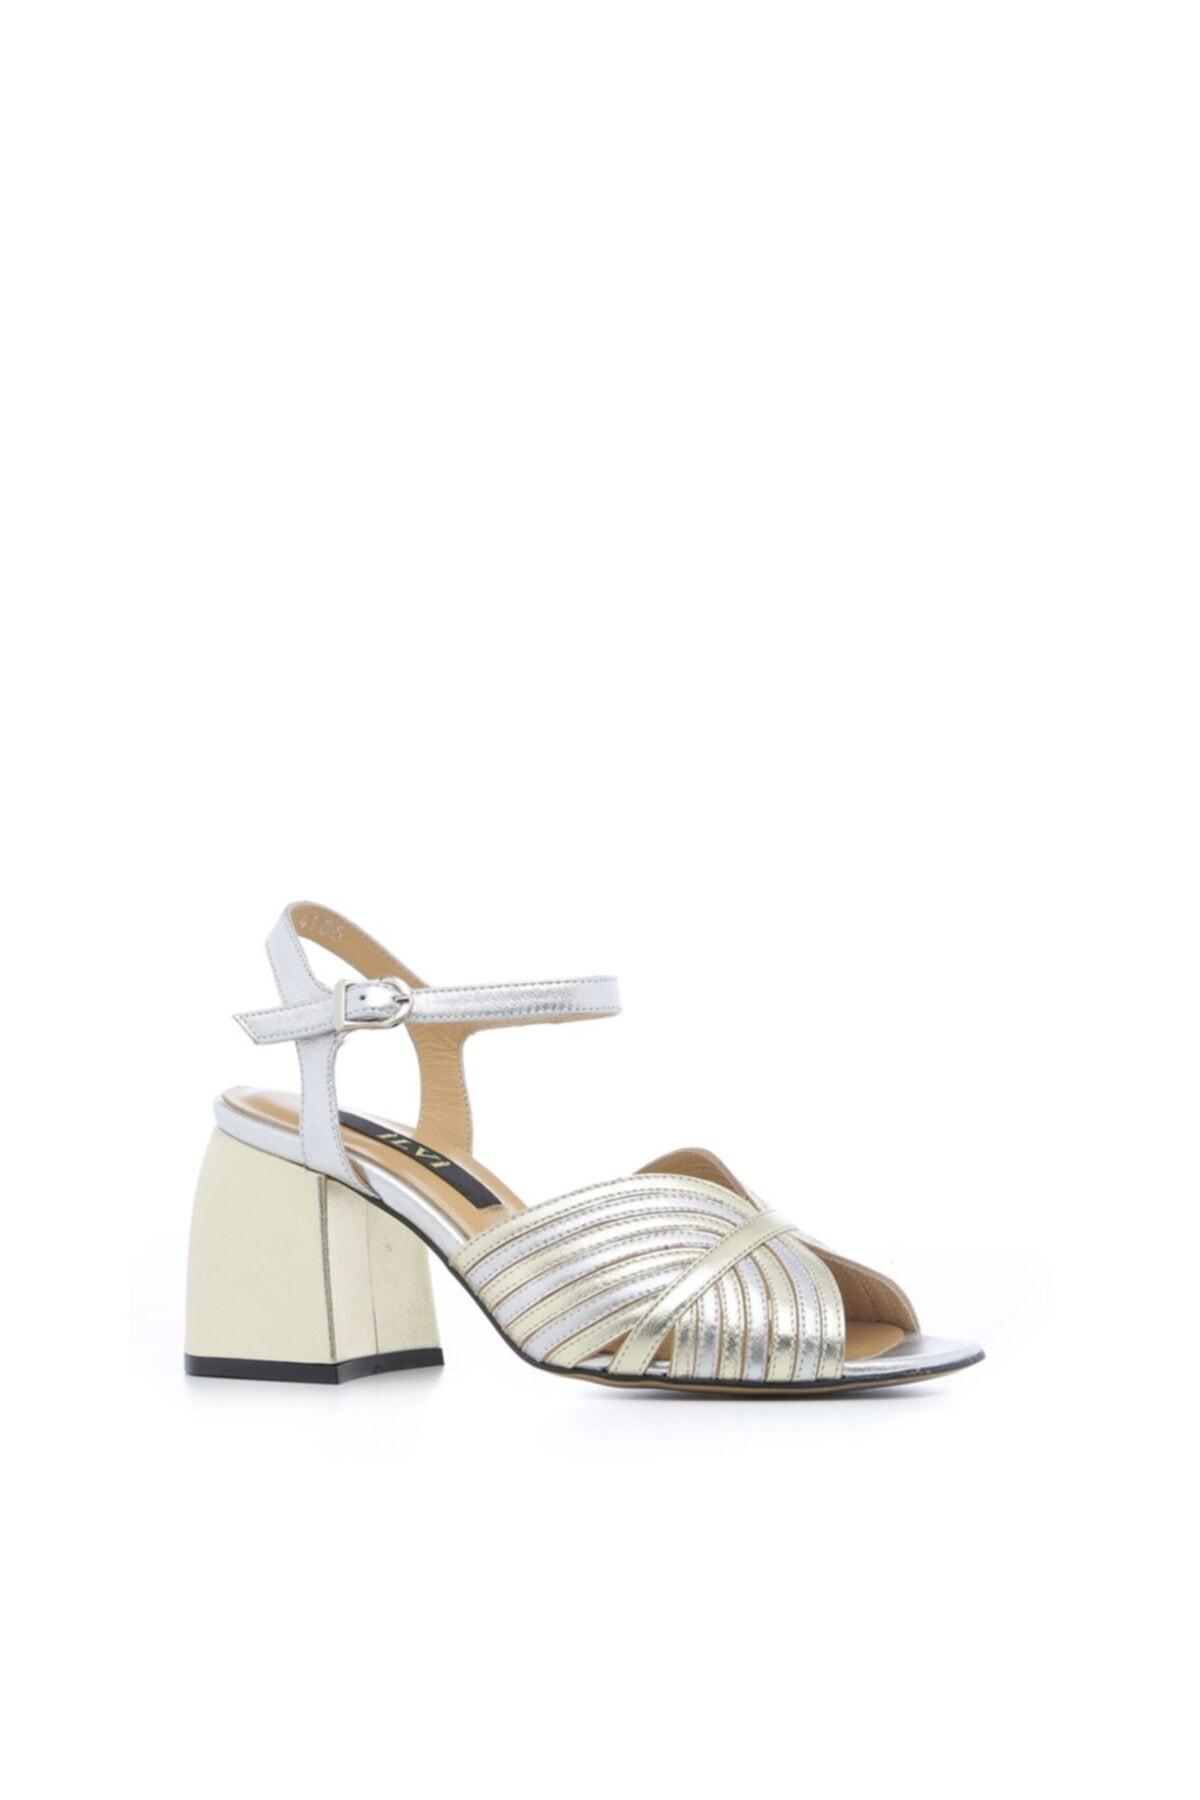 İLVİ Riva Kadın Sandalet Altın